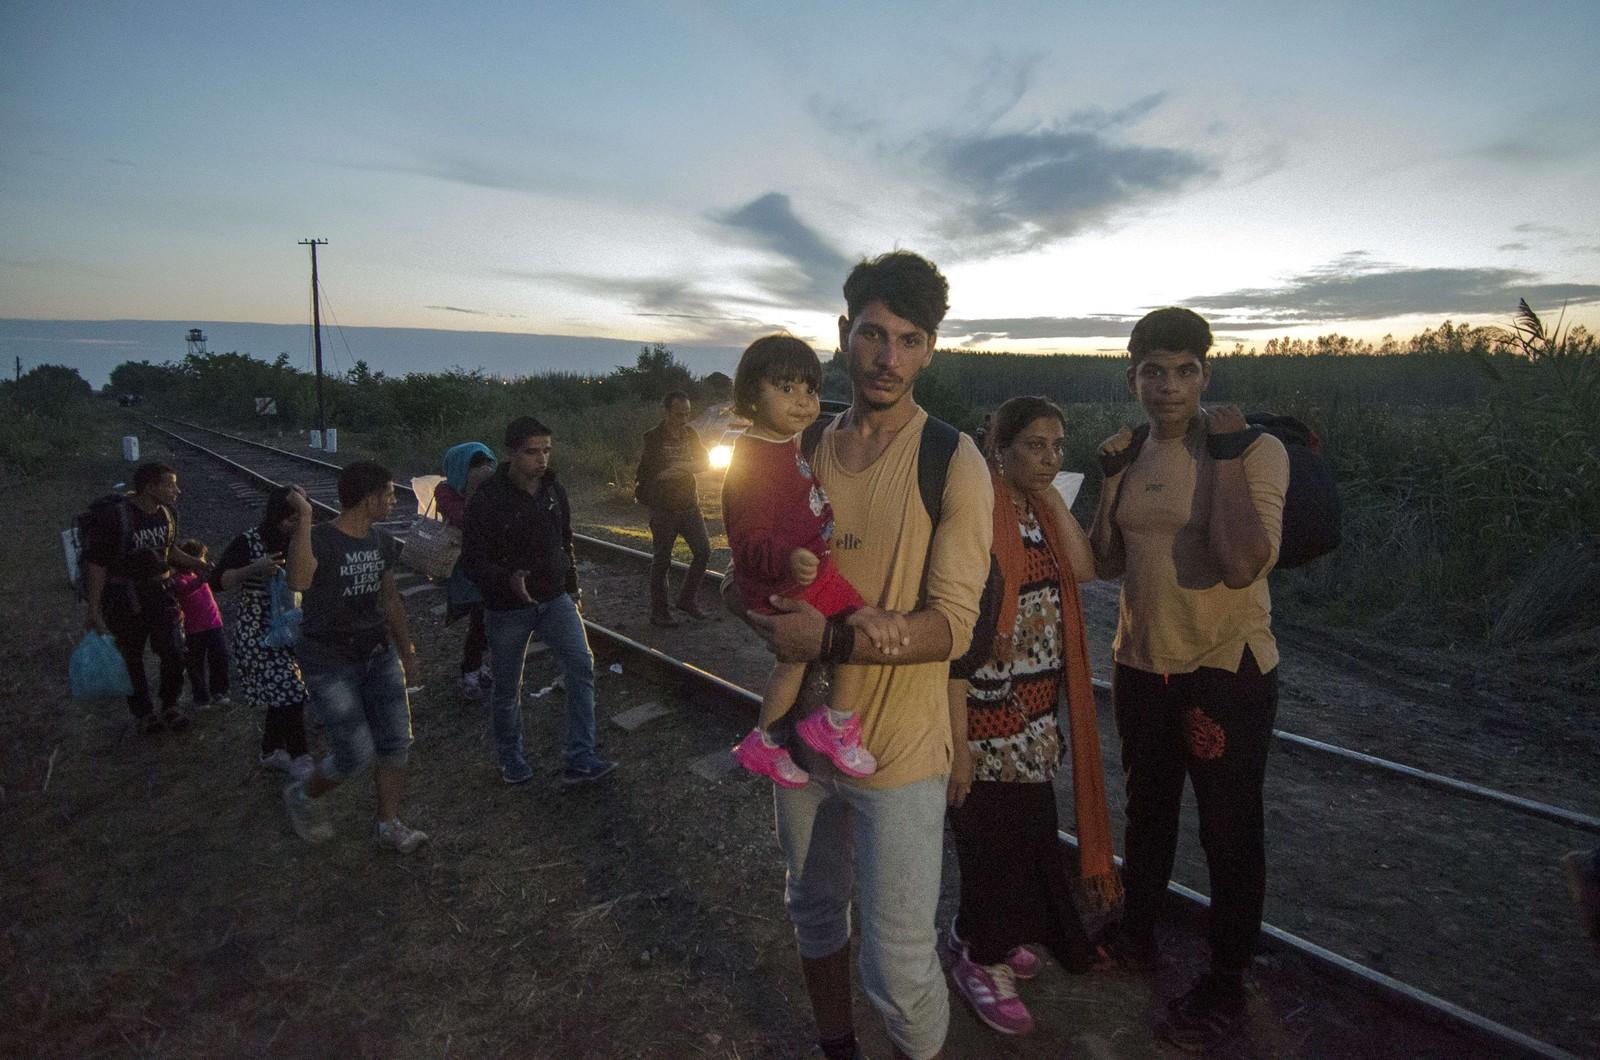 Mange av de som flykter fra krigens grusomheter prøver desperat å komme seg til Europa. Dette bildet er tatt i landsbyen Asotthalom ved den serbisk-ungarske grensen. Ungarn ferdiggjør i disse dager et gjerde som blir nok et hinder for flyktningene på veien mot EU.